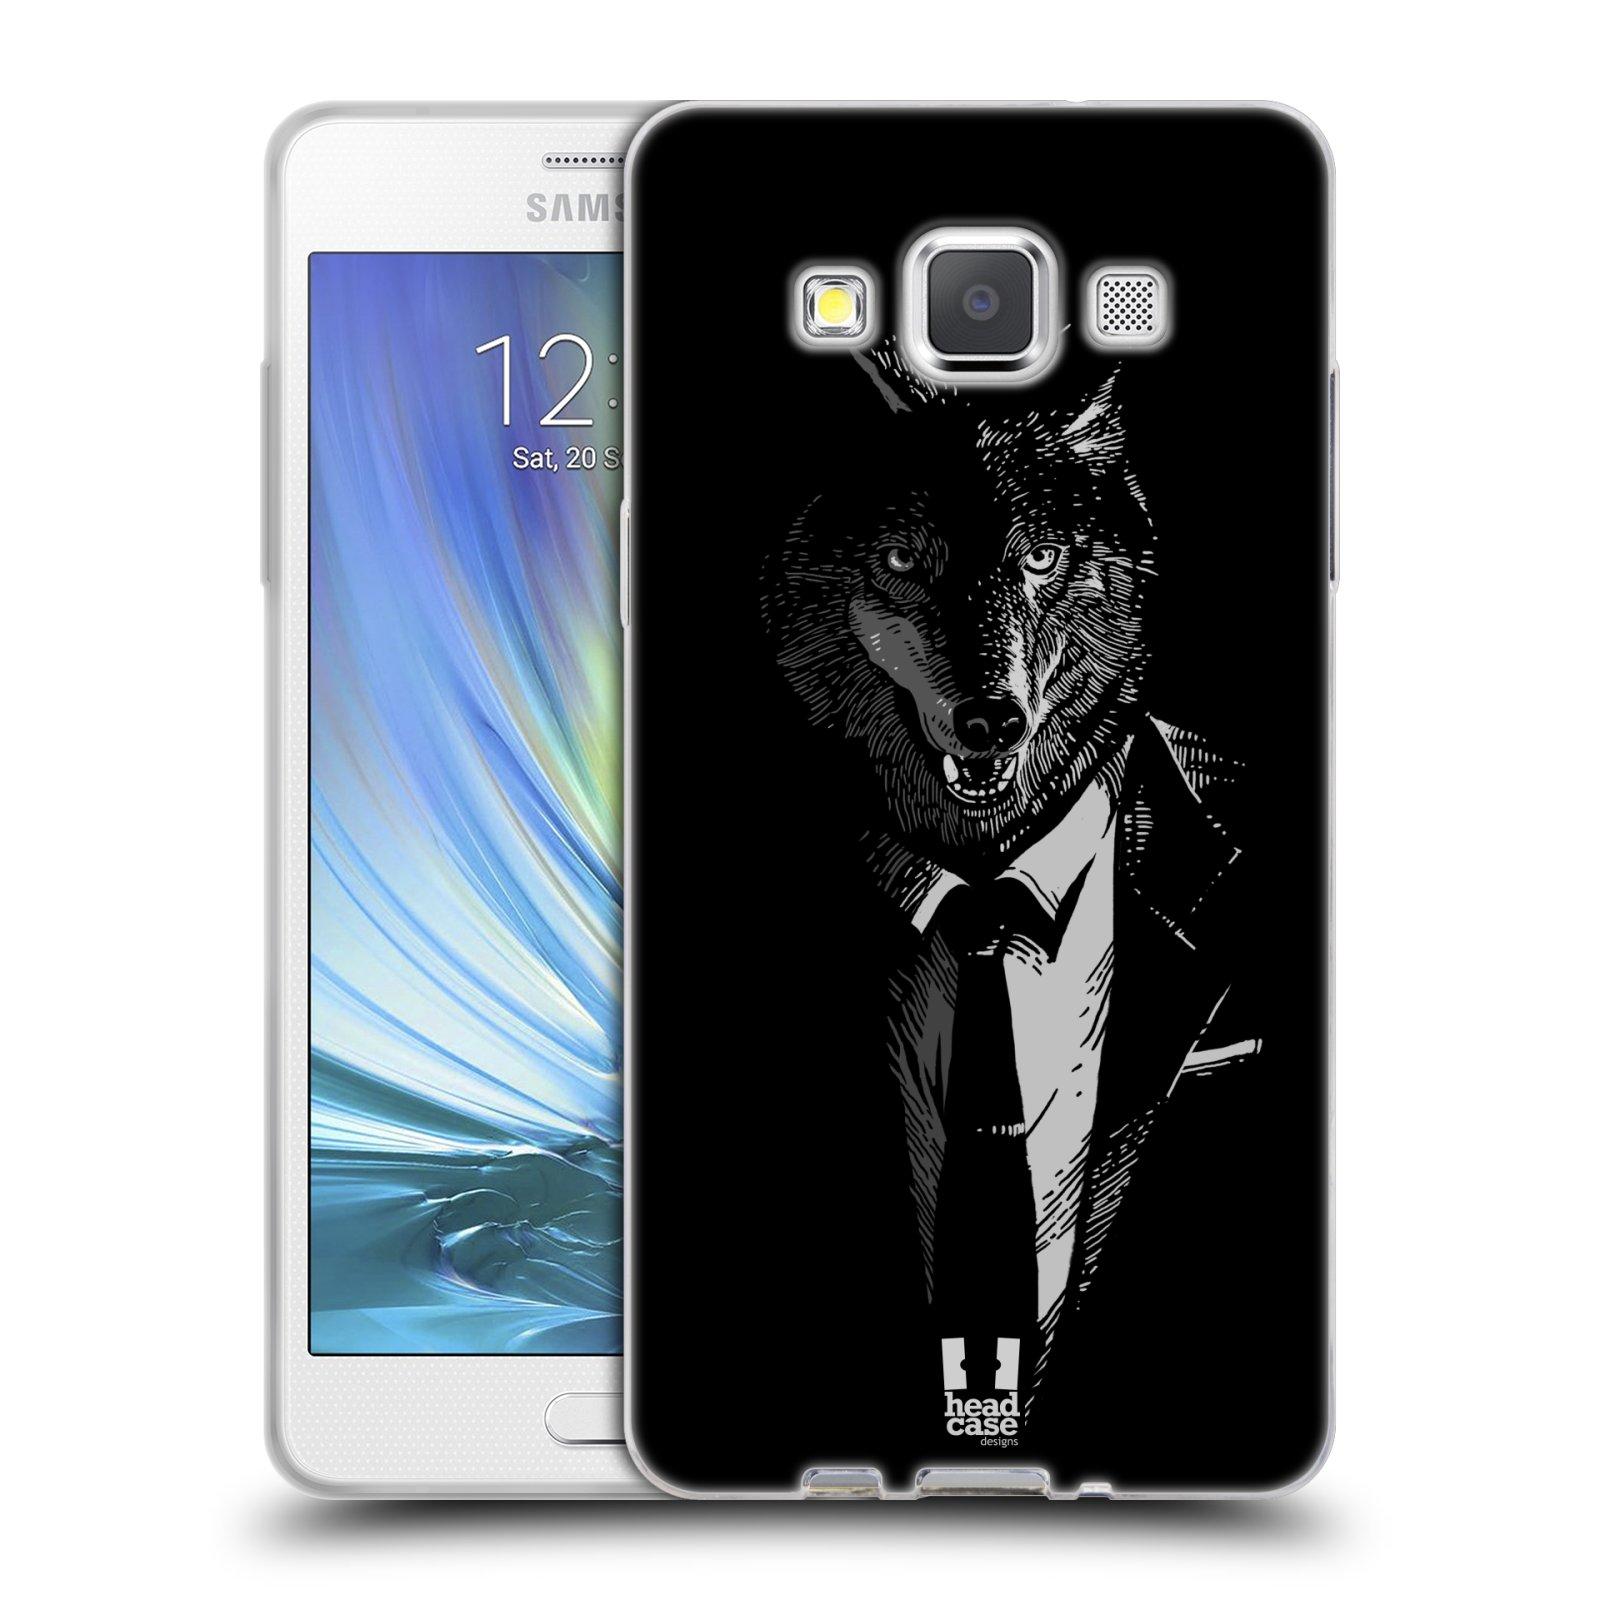 HEAD CASE silikonový obal na mobil Samsung Galaxy A5 vzor Zvíře v obleku vlk